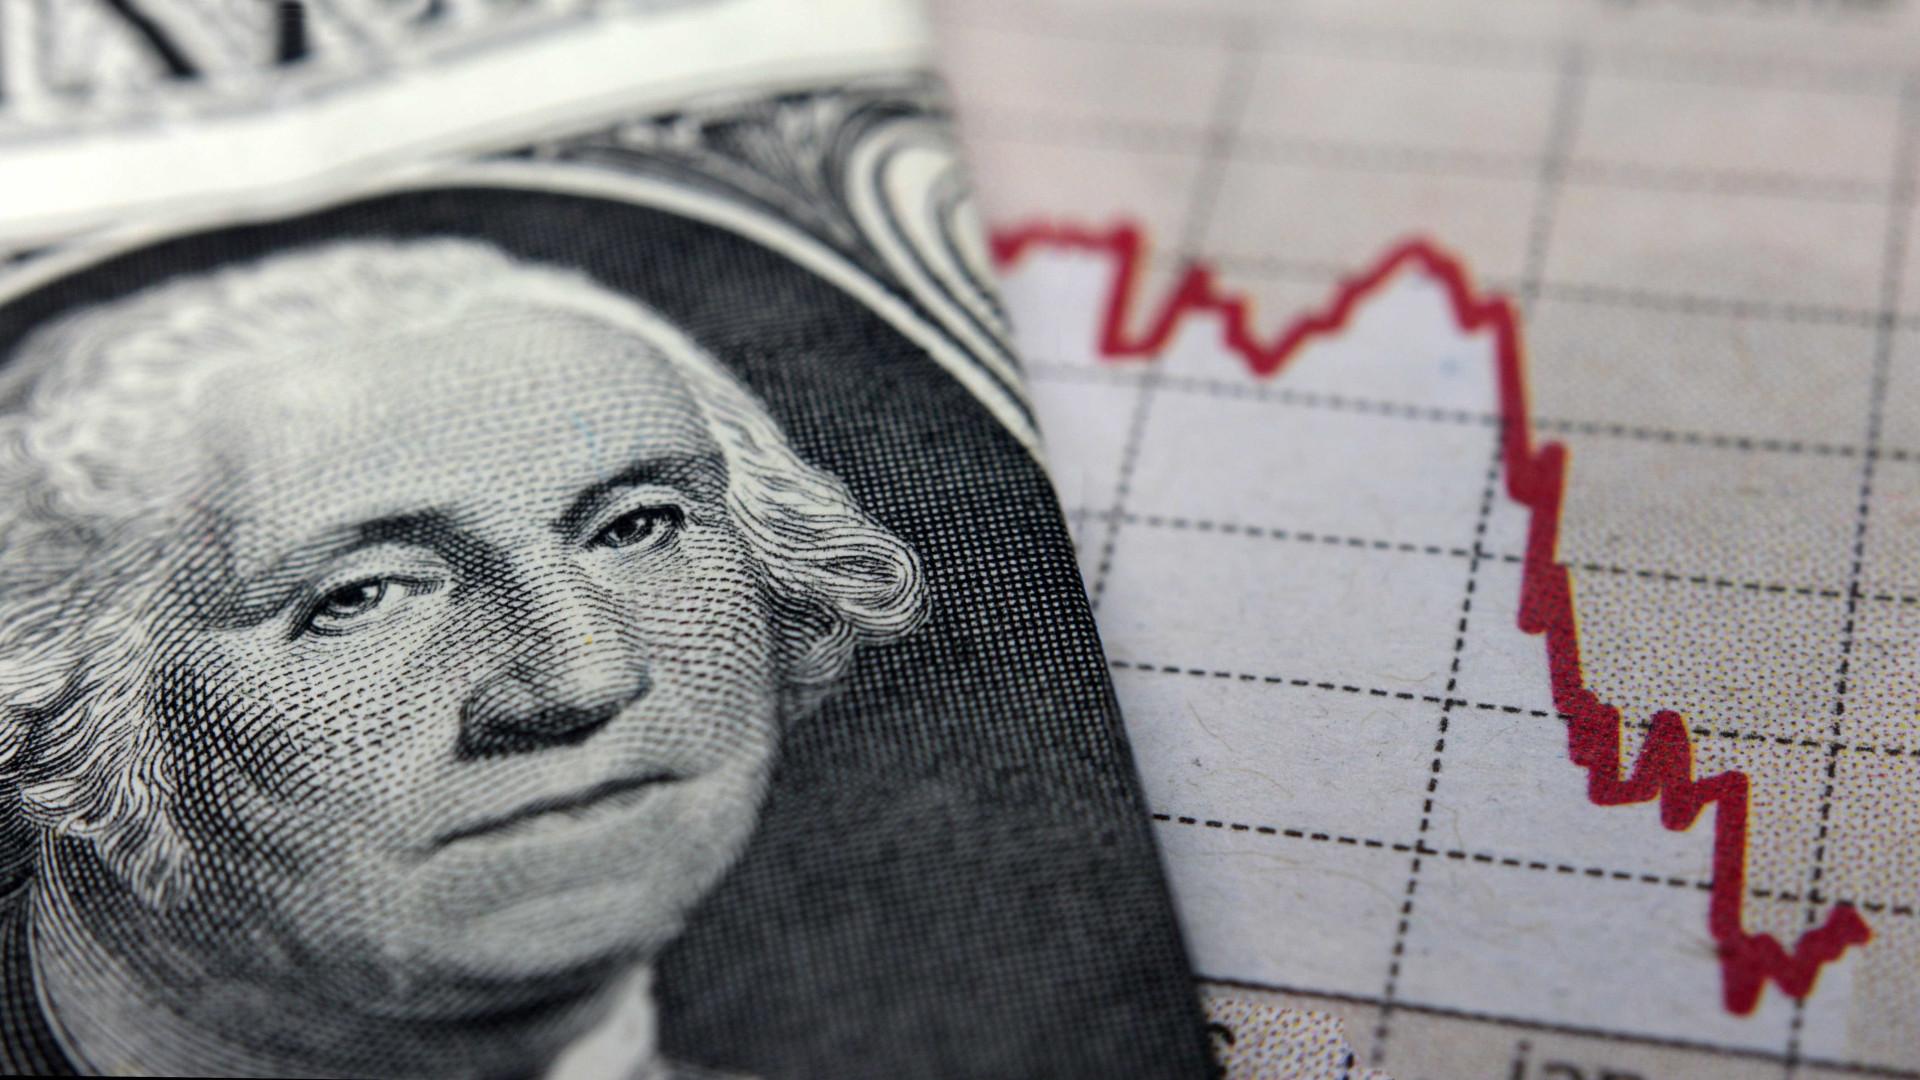 Dólar atinge R$ 3,32 e tem maior alta diária desde delação da JBS